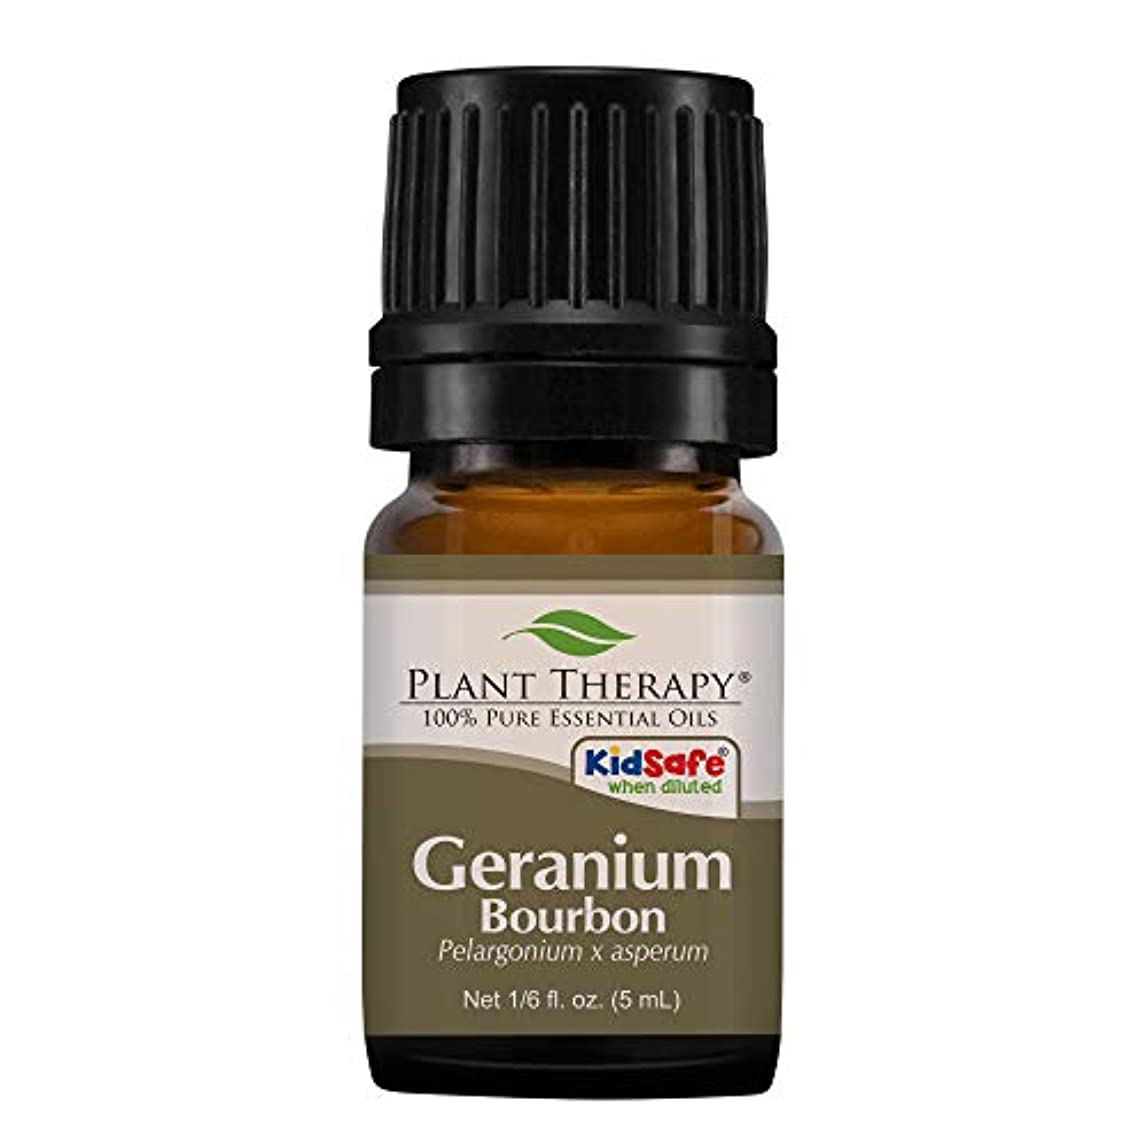 地中海ペルー出くわす植物セラピーゼラニウムブルボンエッセンシャルオイル。 100%ピュア、希釈していない、治療グレード。 5ミリリットル(1/6オンス)